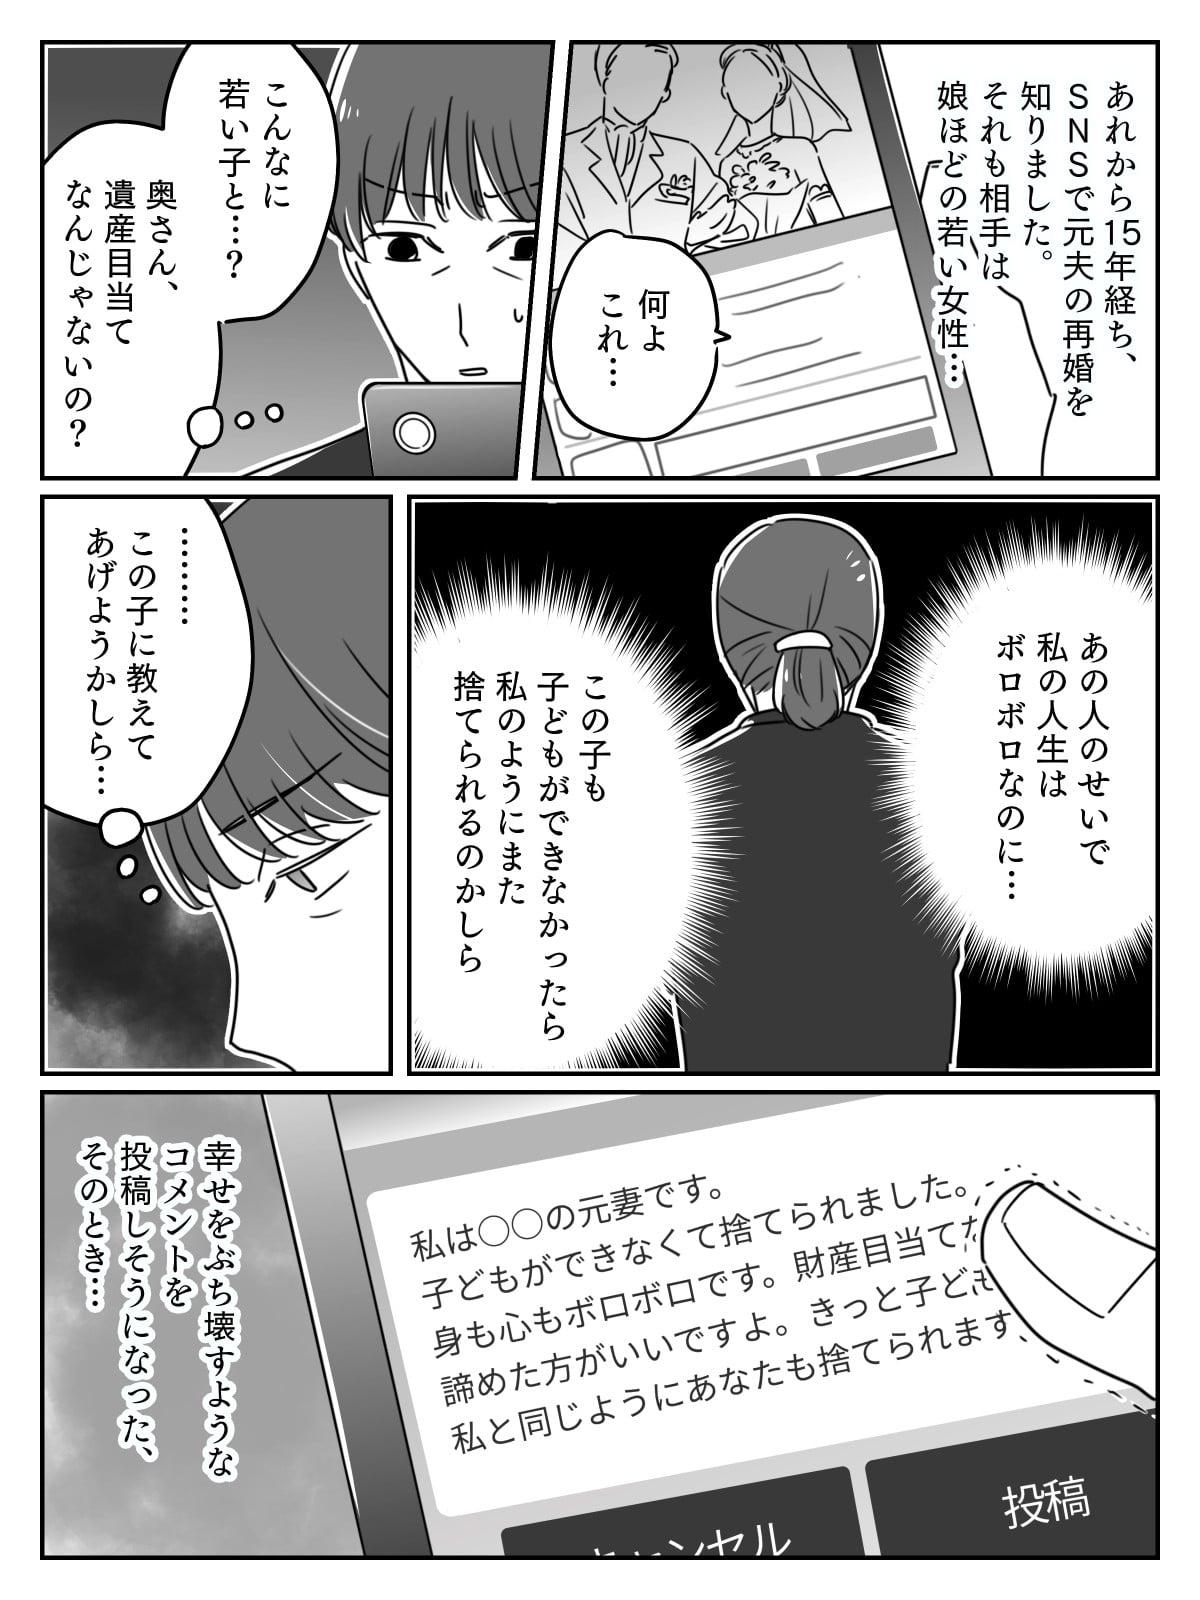 【前編】50代の元夫が20代女と再婚!